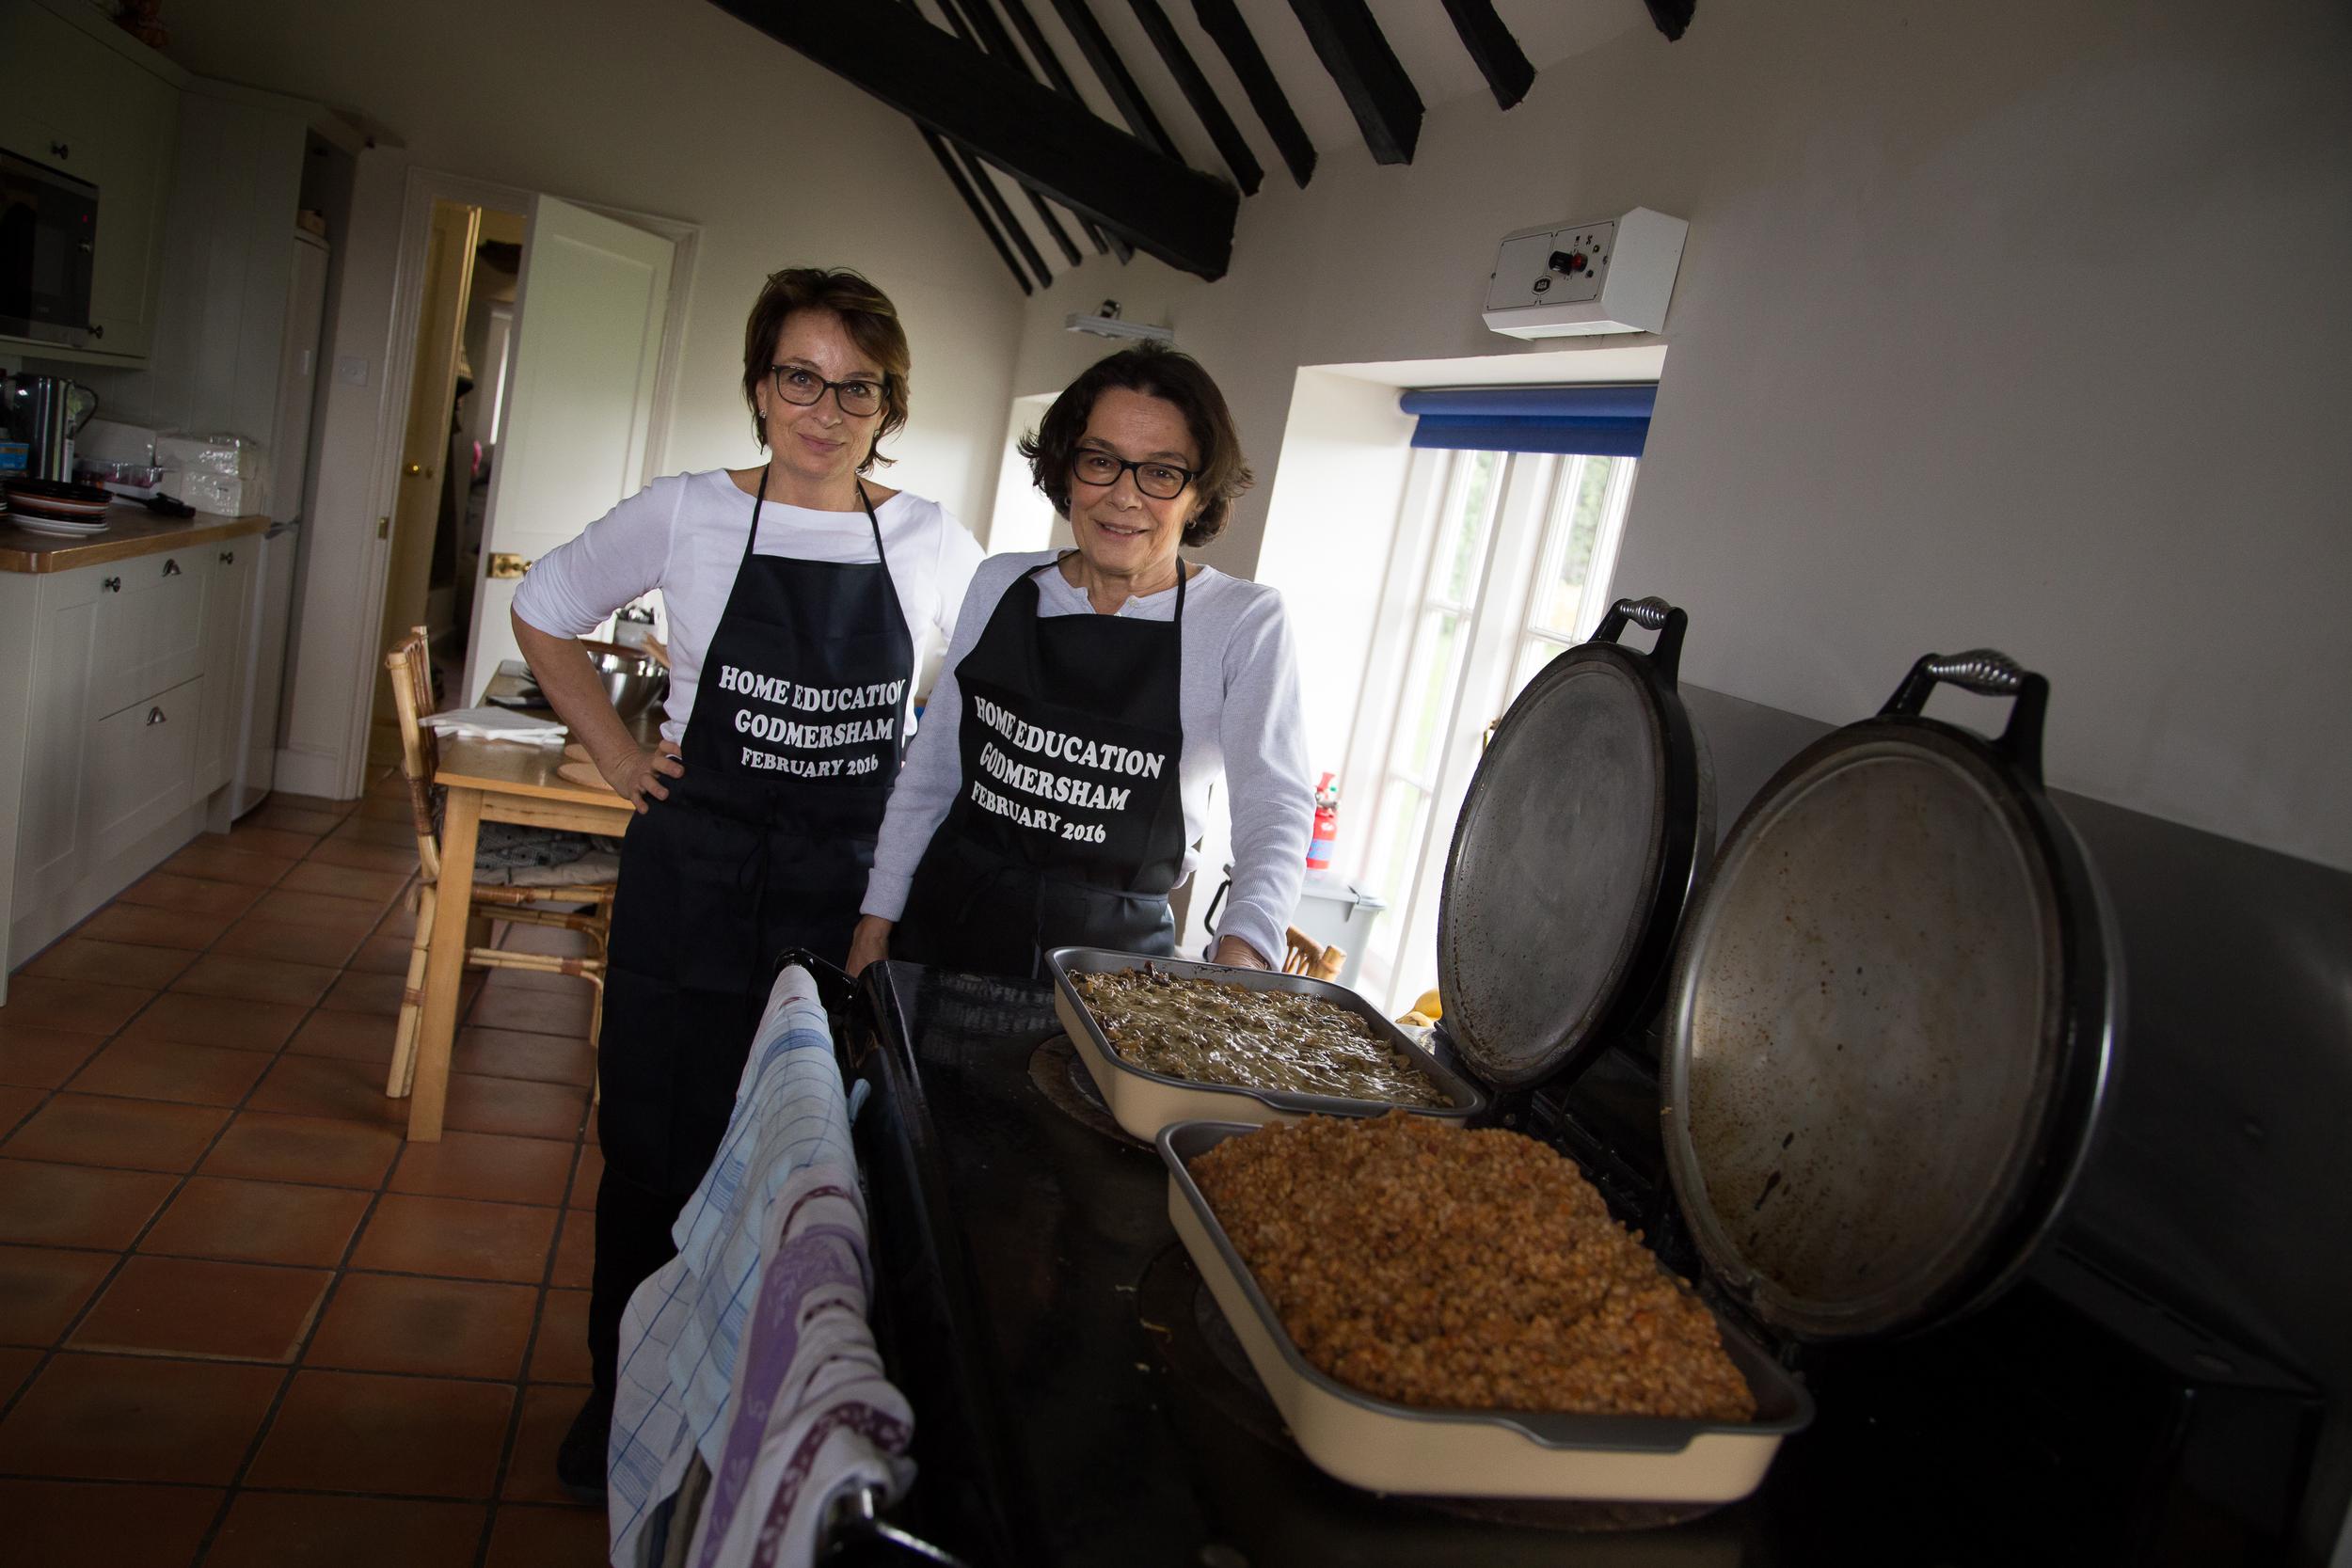 The Chefs: Paola De Sanna & Maria Rosario Lazzati